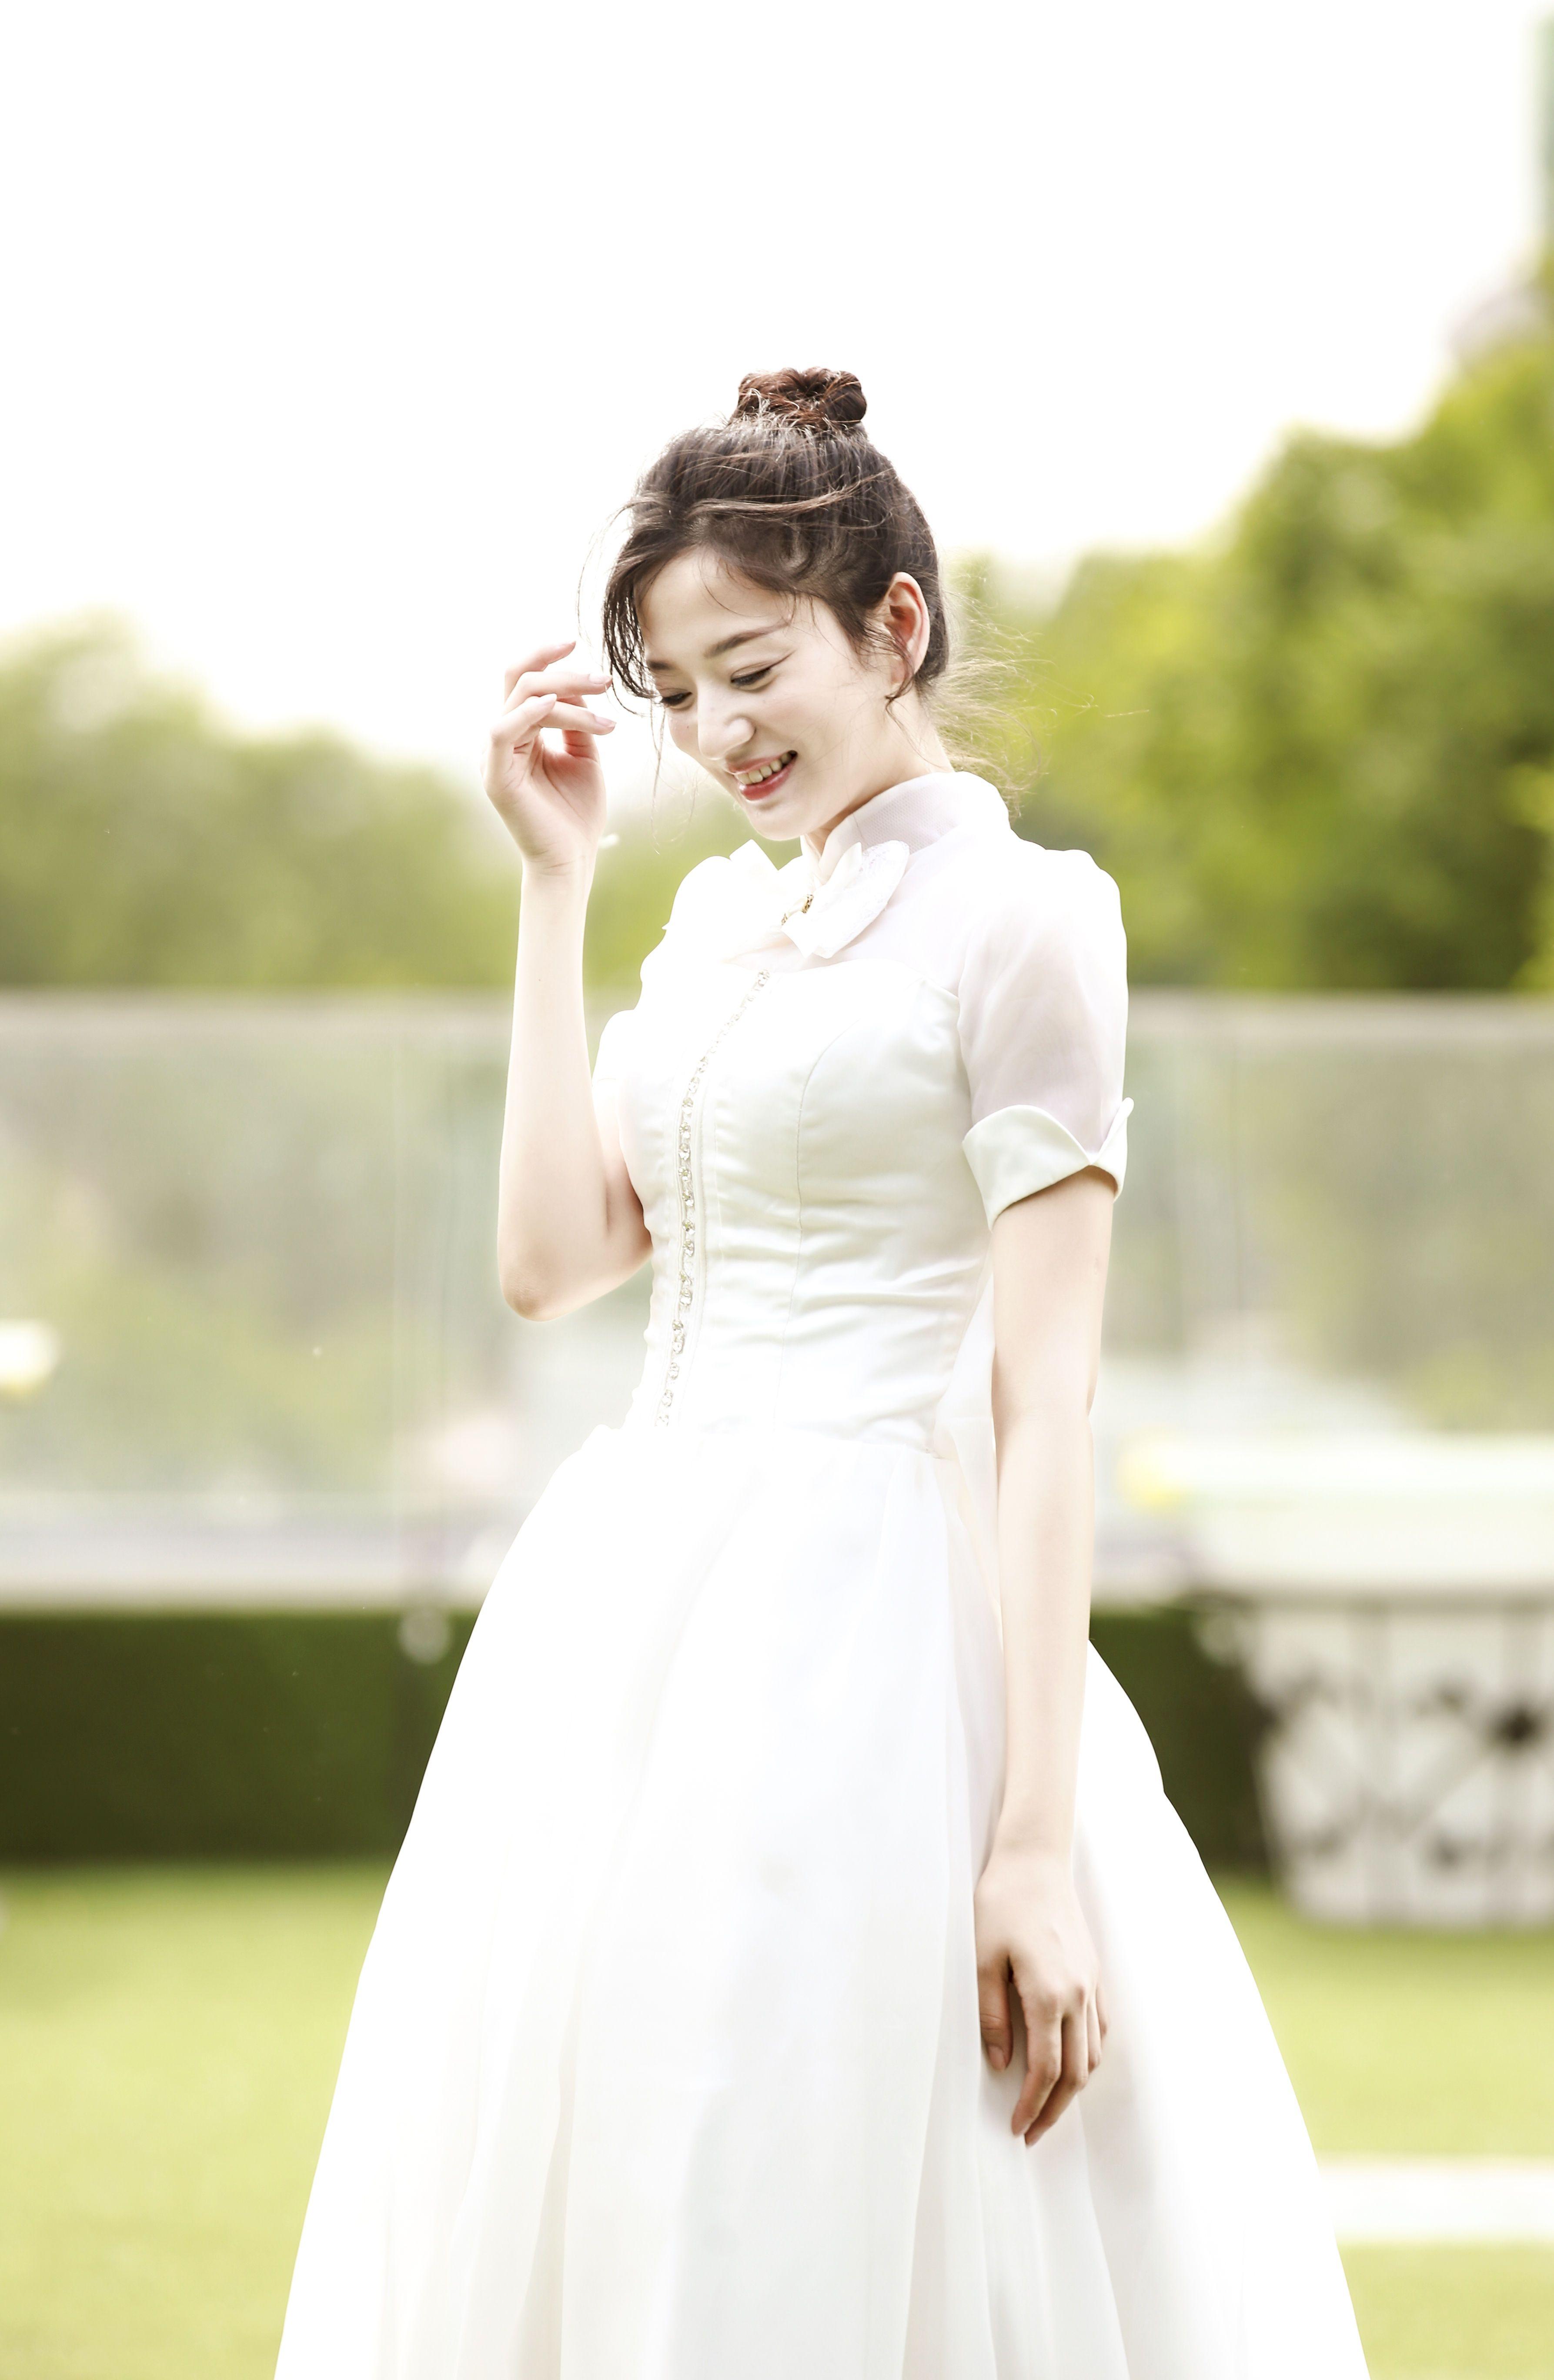 唐本白色电影亮相大学生电影节a电影怪物外国俏皮高贵青春魔幻纱裙排行榜图片